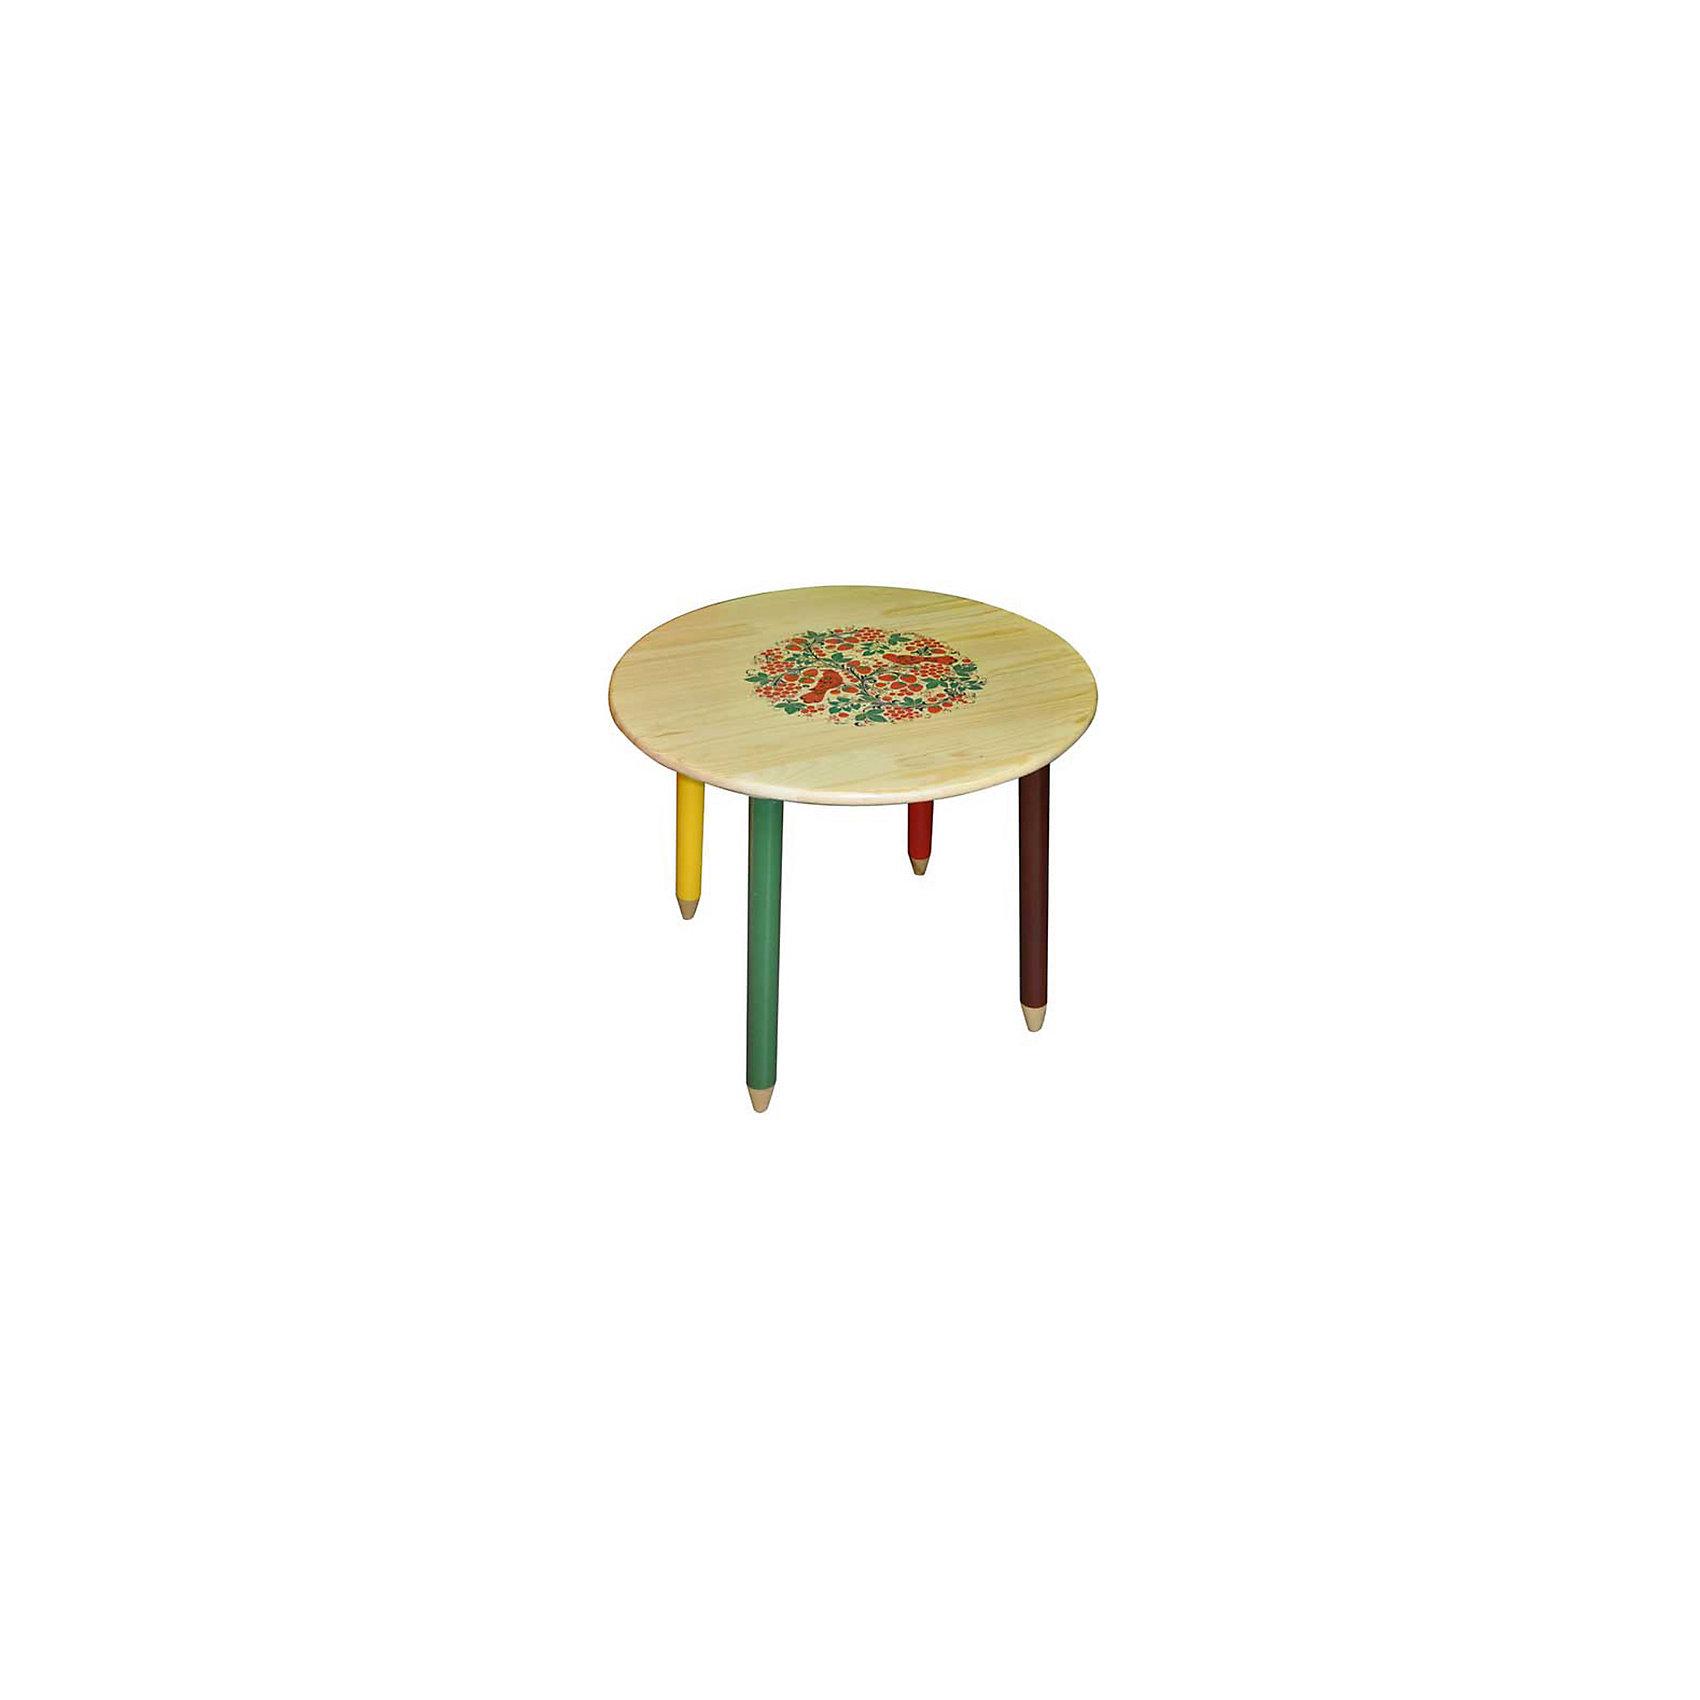 Стол СветлячокКрасочный круглый столик со сказочными рисунками выполнен из массива. Его поверхность пропитана варёным льняным маслом и покрыта алюминиевым порошком и росписью. На поверхность стола также нанесены несколько слоев лака. Столик очень прочный и устойчивый, покрытие закалено при особом температурном режиме и не будет отслаиваться или облупливаться при частой влажной уборке.<br><br>Дополнительная информация:<br><br>- Возраст: от 6 мес.<br>- Материал: дерево.<br>- Цвет: орнамент - светлячок. <br>- Параметры стола:<br>   Диаметр стола 65 см,<br>   Высота 58 см.<br><br>Детский столик Светлячок можно купить в нашем магазине.<br><br>Ширина мм: 650<br>Глубина мм: 650<br>Высота мм: 580<br>Вес г: 5600<br>Возраст от месяцев: 36<br>Возраст до месяцев: 108<br>Пол: Унисекс<br>Возраст: Детский<br>SKU: 4718375